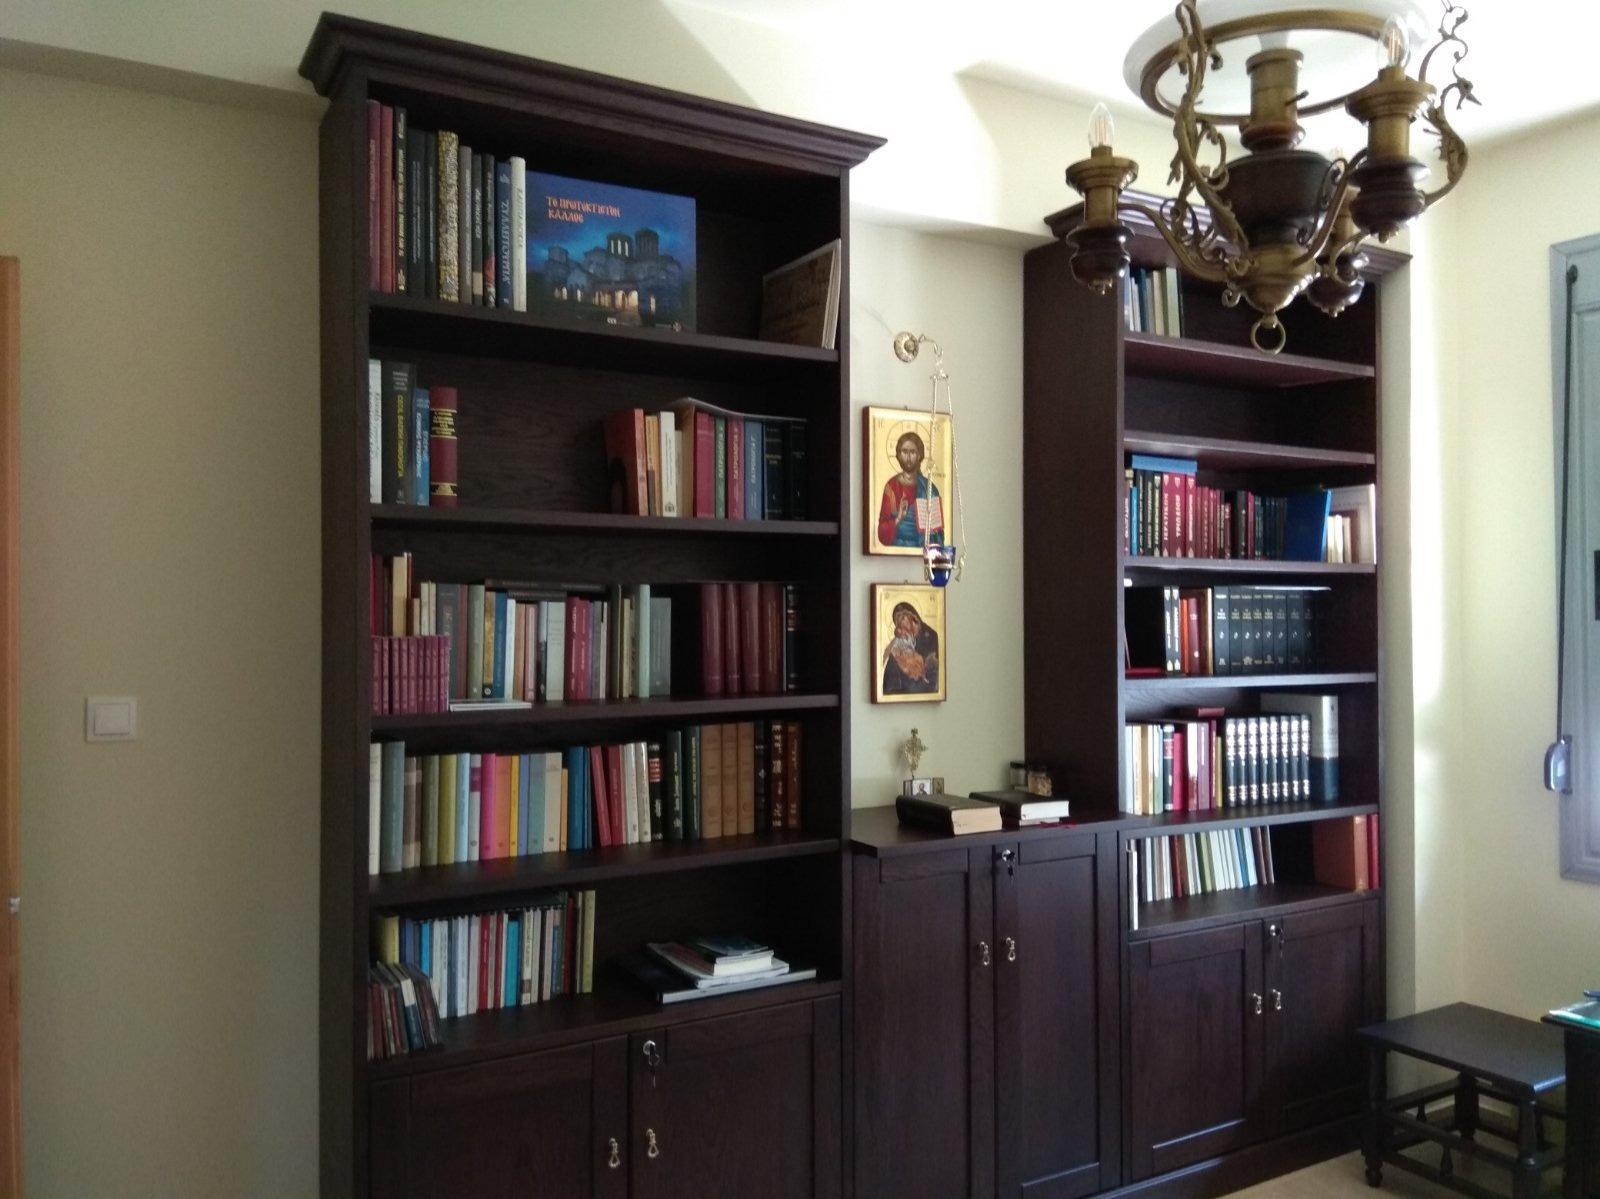 Βιβλιοθήκη σε κλασικό ύφος